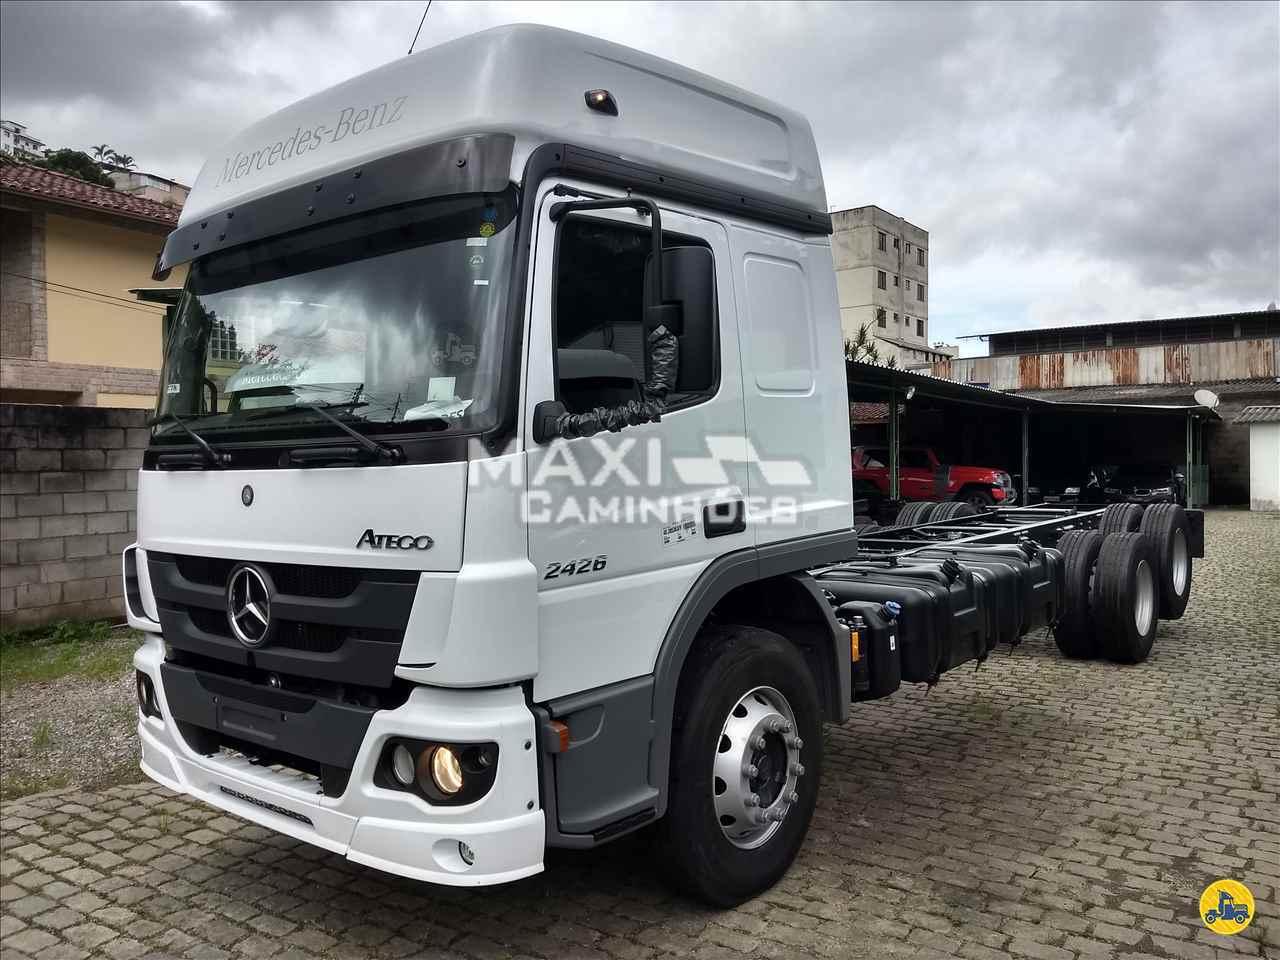 CAMINHAO MERCEDES-BENZ MB 2426 Chassis Truck 6x2 Maxi Caminhões TERESOPOLIS RIO DE JANEIRO RJ